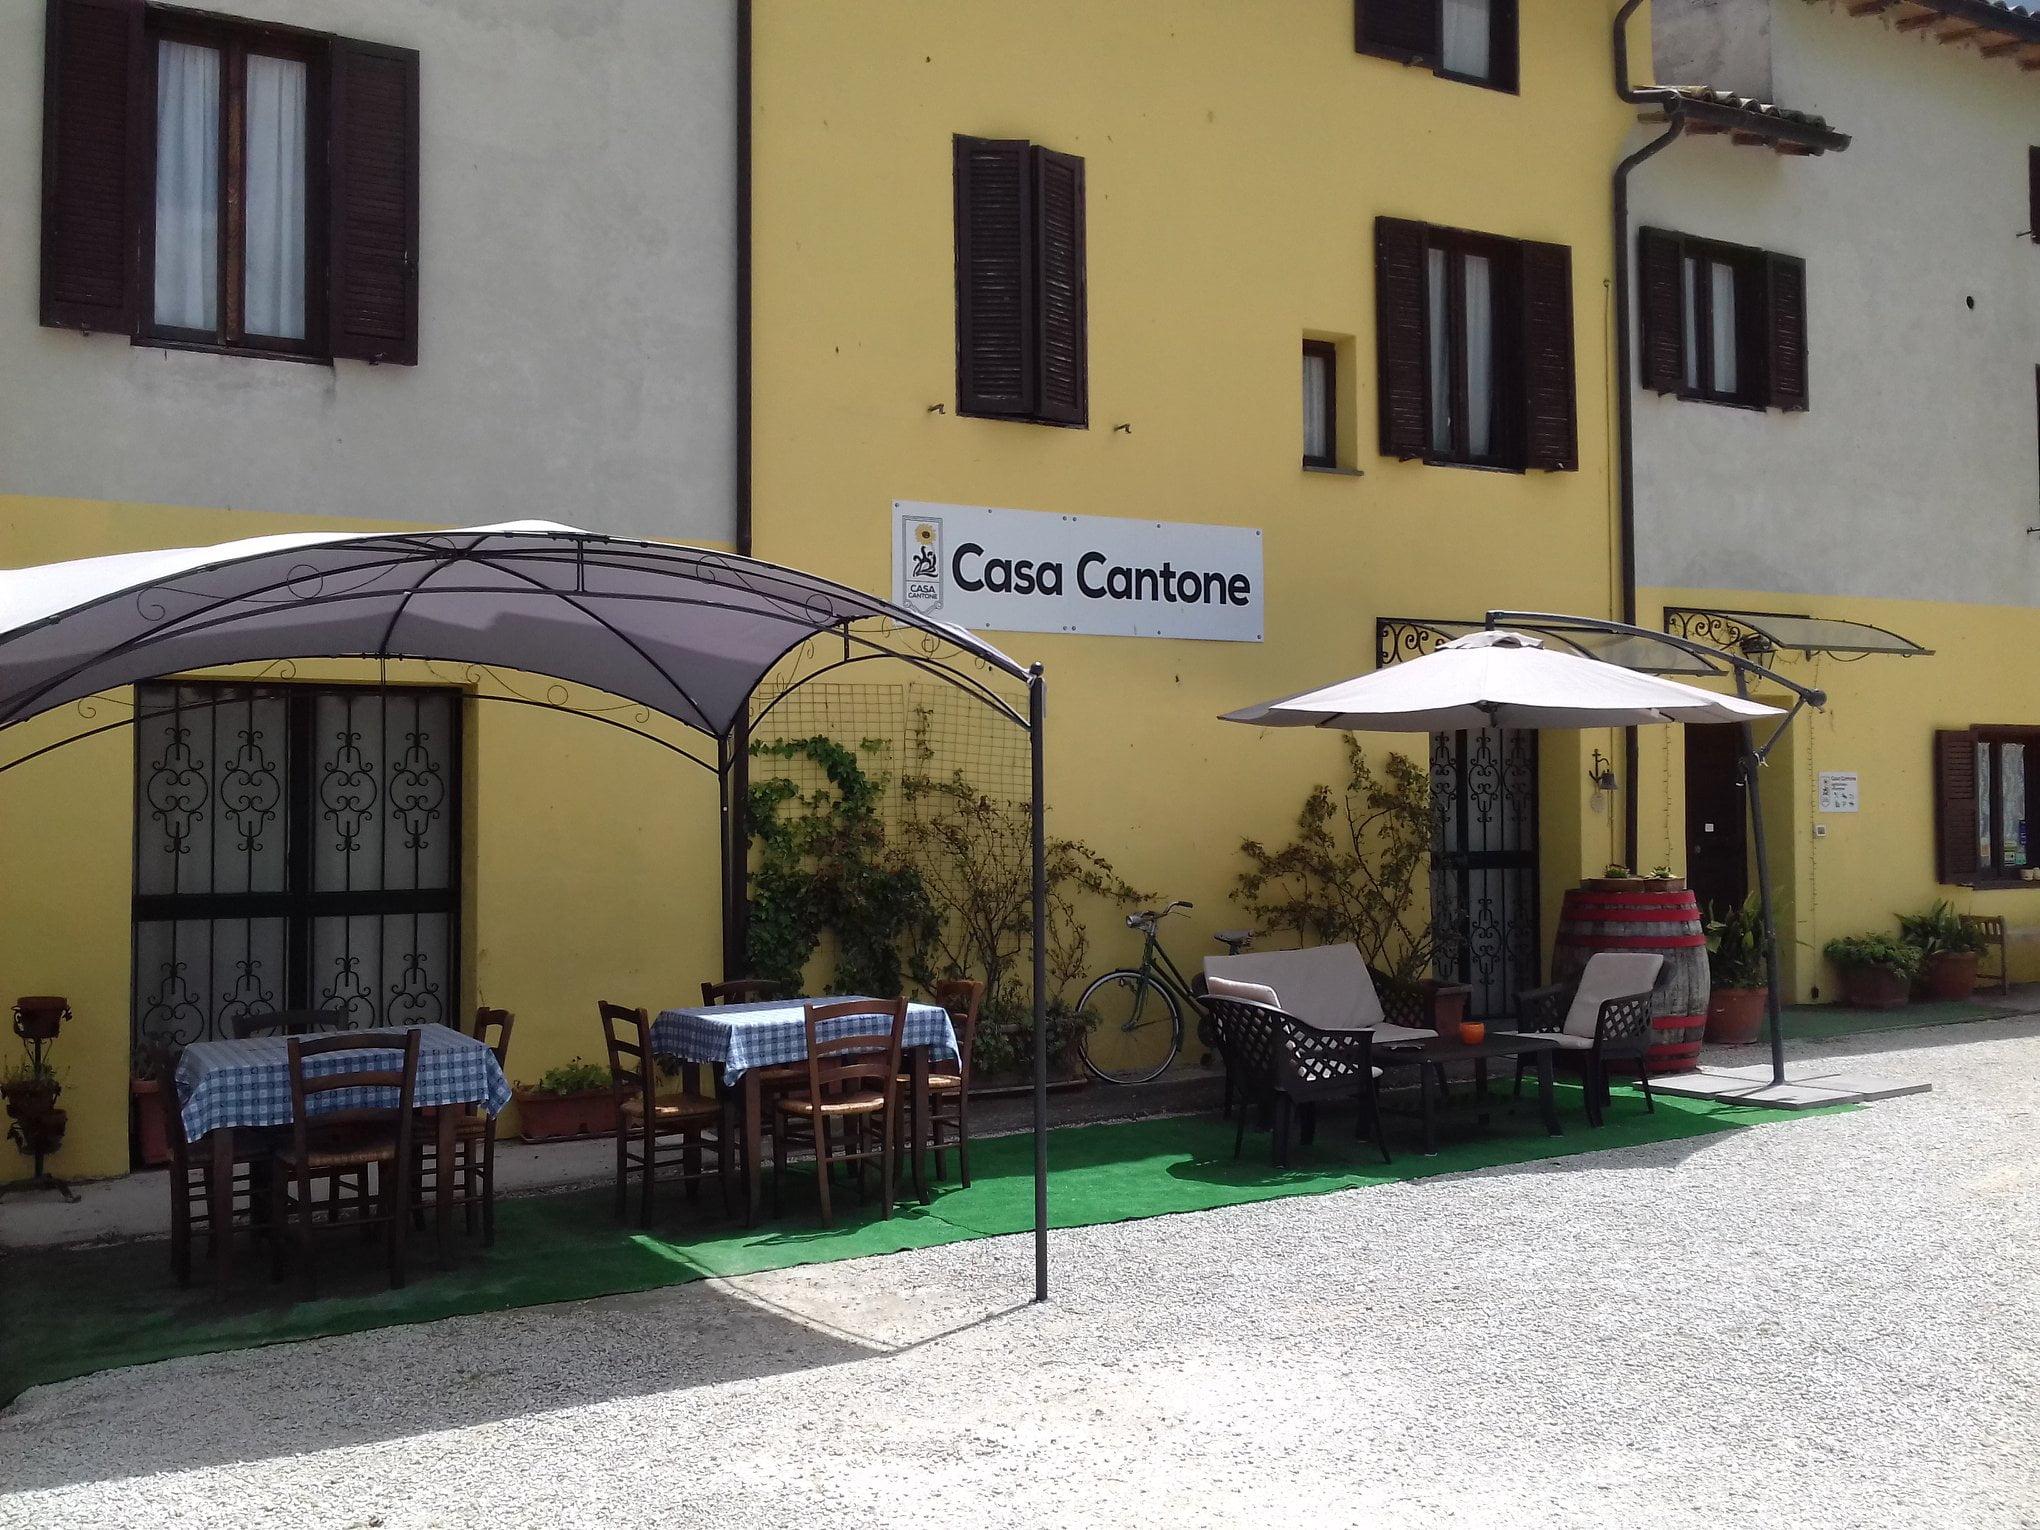 Restaurant alimentation Agriturismo CASA Cantone Bevagna PG Italie ulocal produit local achat local